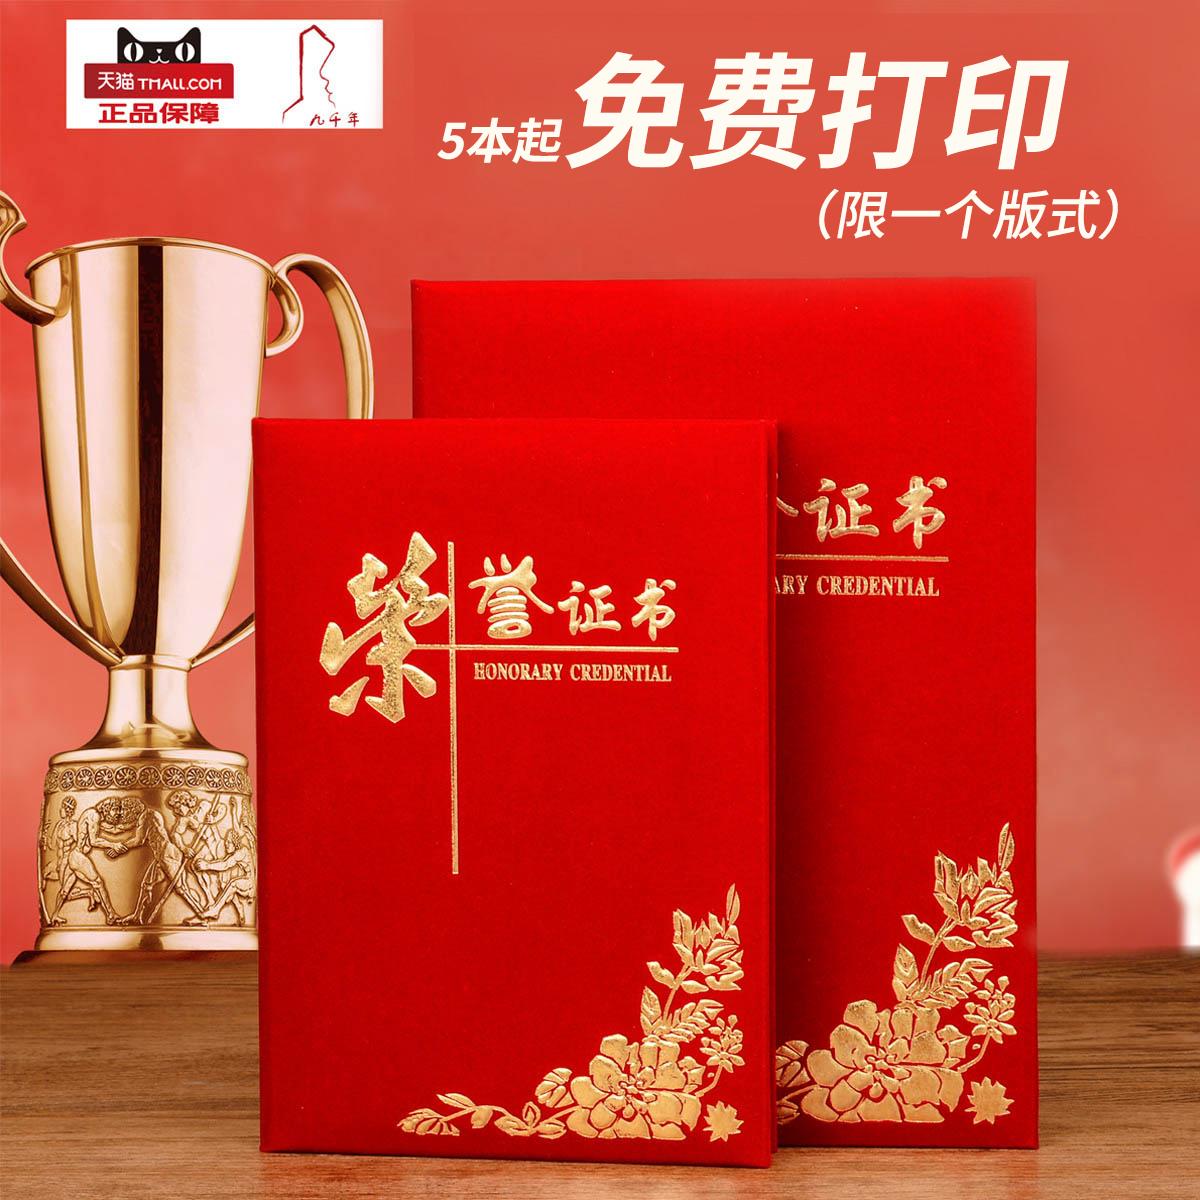 Замшевый Сертификат награды сертификата сертификата чести оптовые продажи Внутренняя печать внутренней внутренней печати